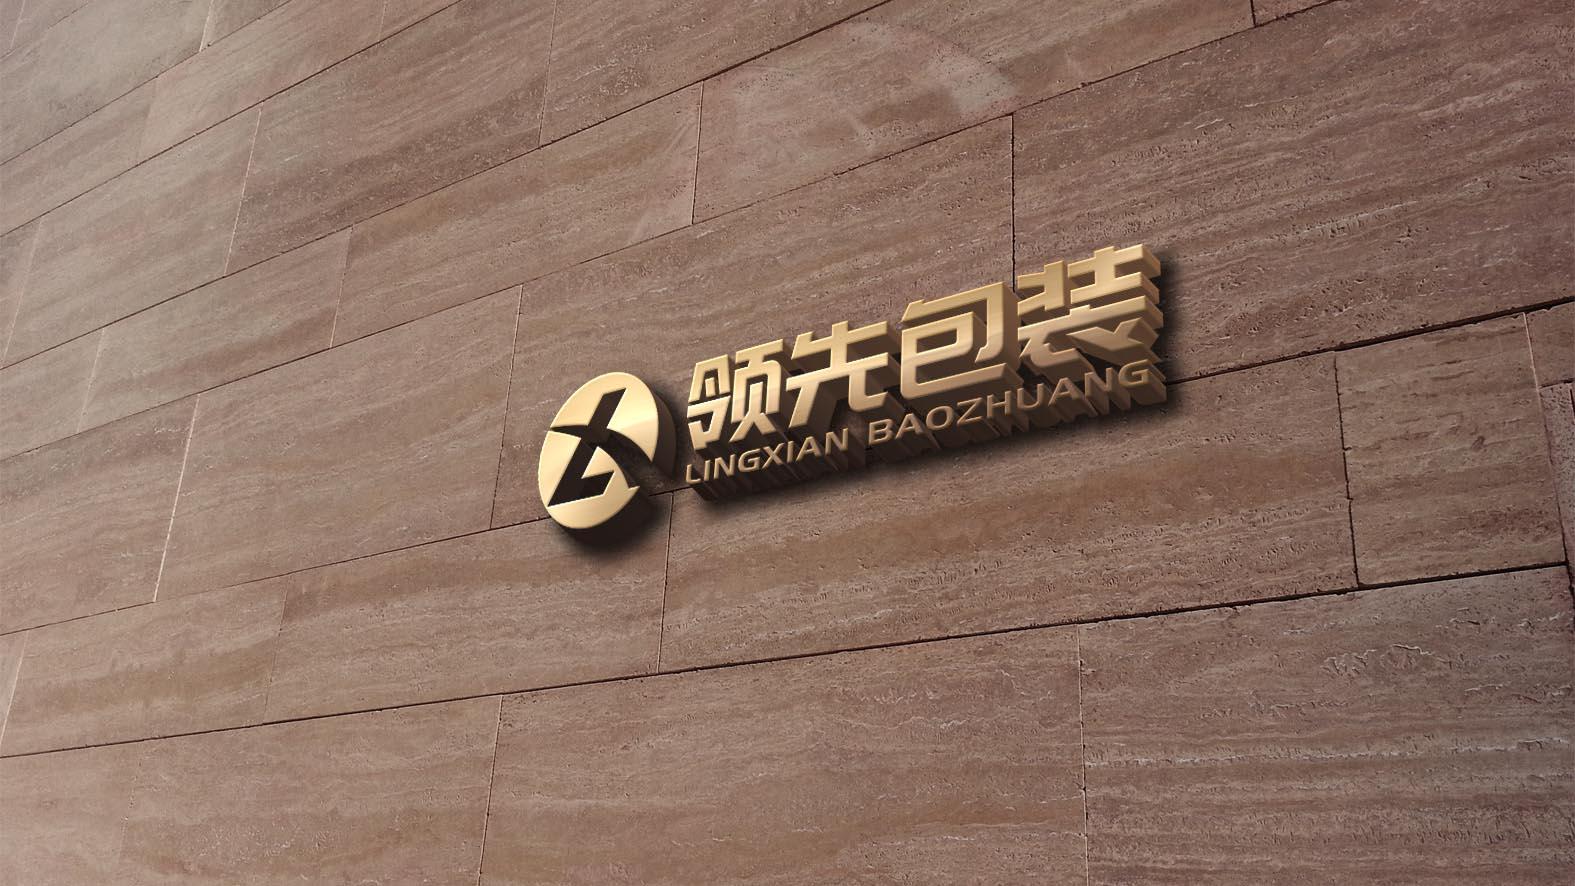 领先包装材料有限公司 logo设计_3036735_k68威客网